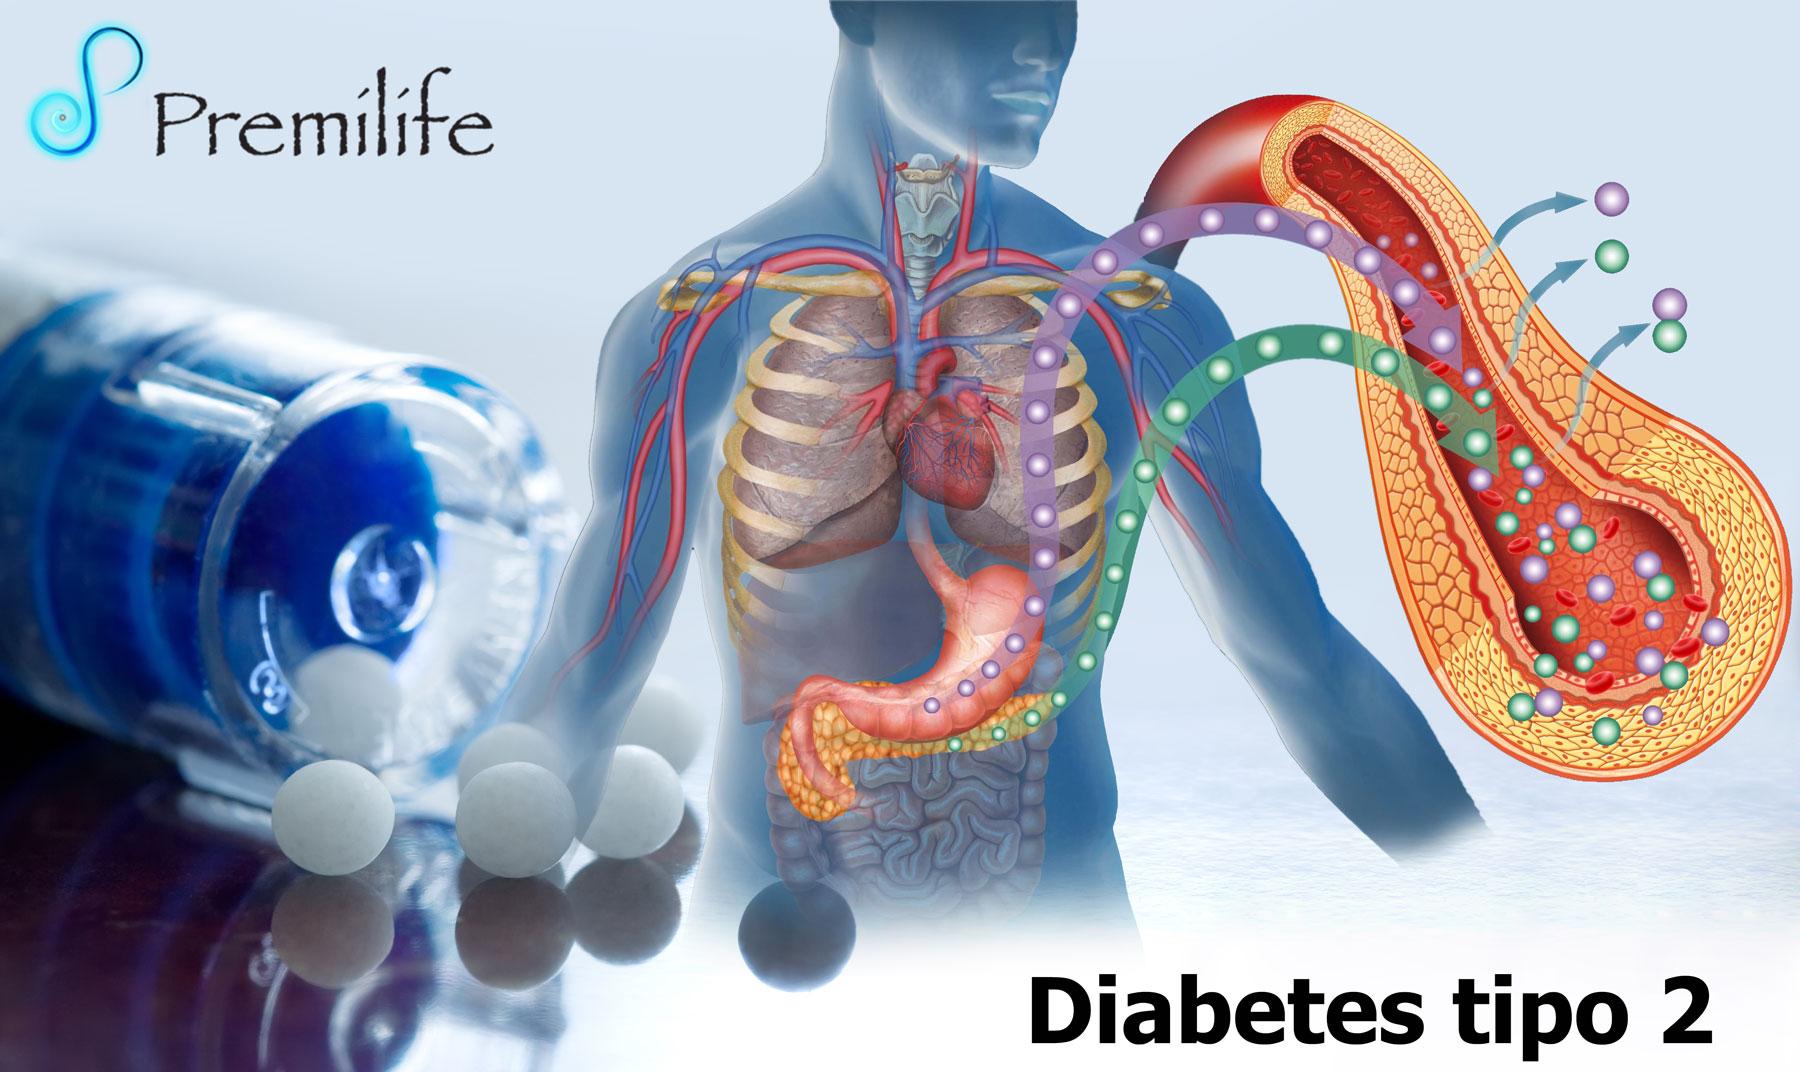 enfermedades del sistema endocrino diabetes